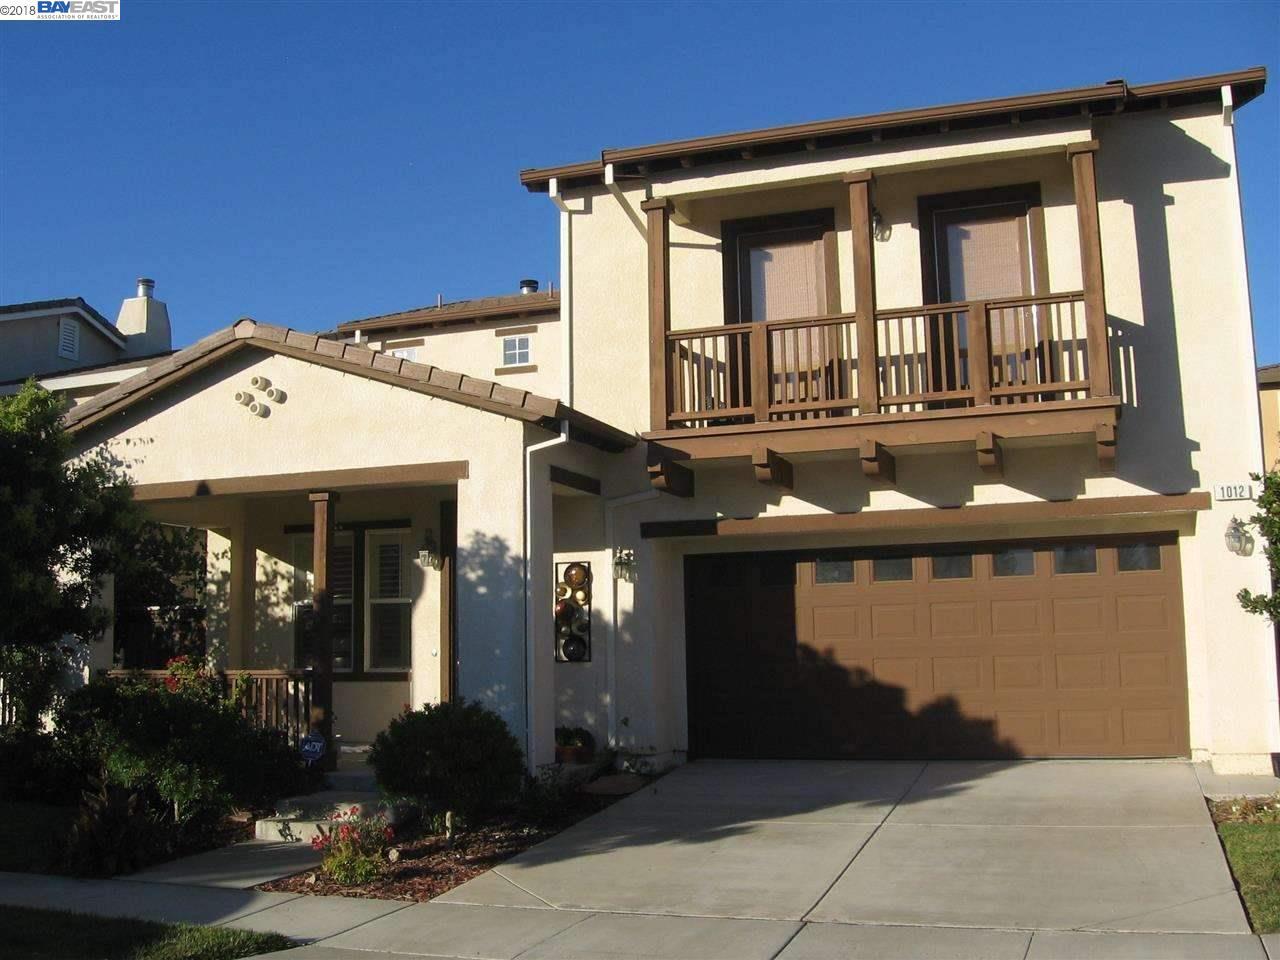 Casa Unifamiliar por un Venta en 1012 Shorebird Drive 1012 Shorebird Drive Hercules, California 94547 Estados Unidos